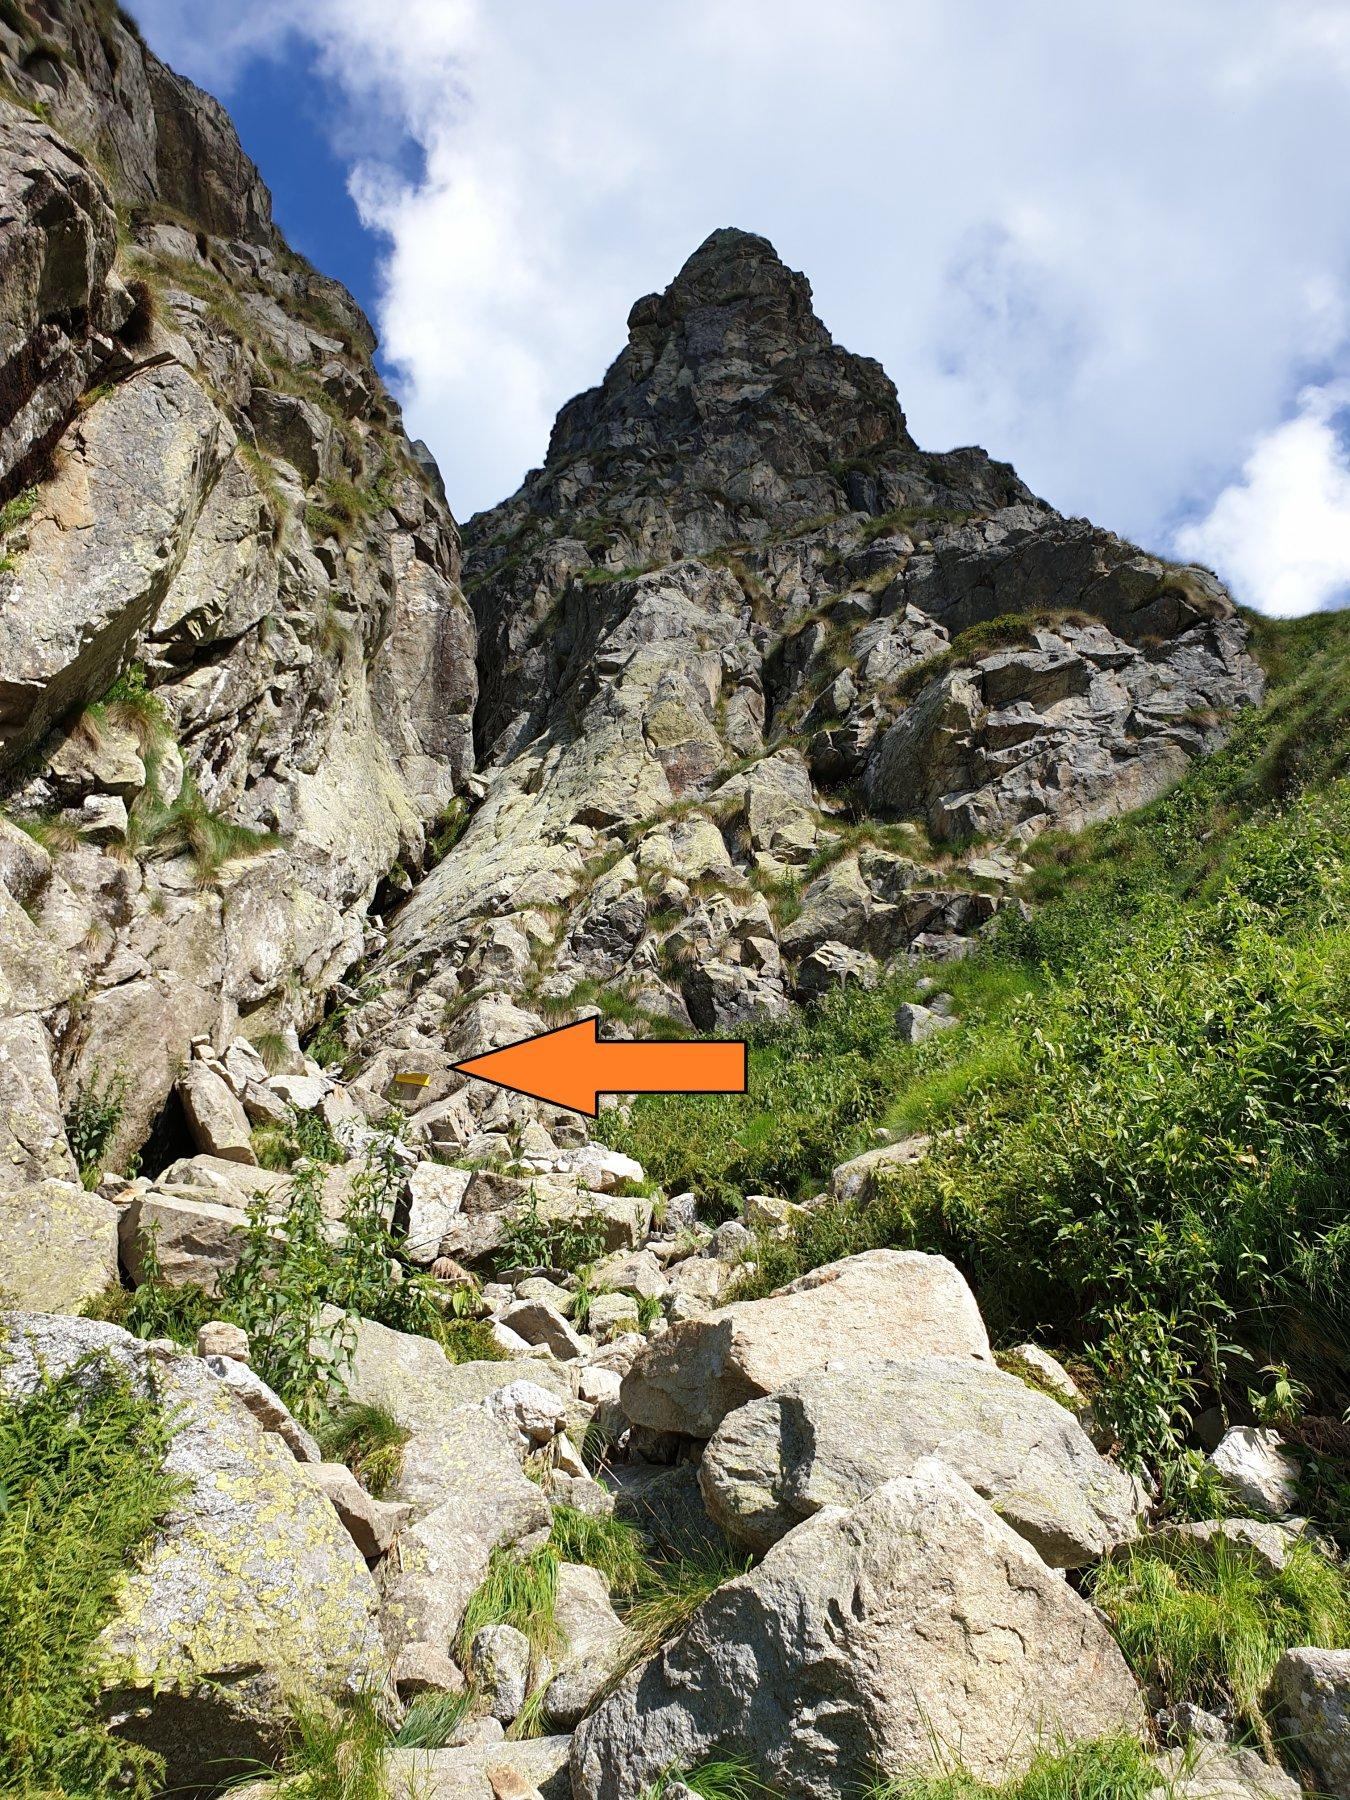 L'attacco della via a quota 1850 m. La freccia rossa evidenzia la targa mezza staccata posta alla partenza; poco più su c'è un cordone su spit.